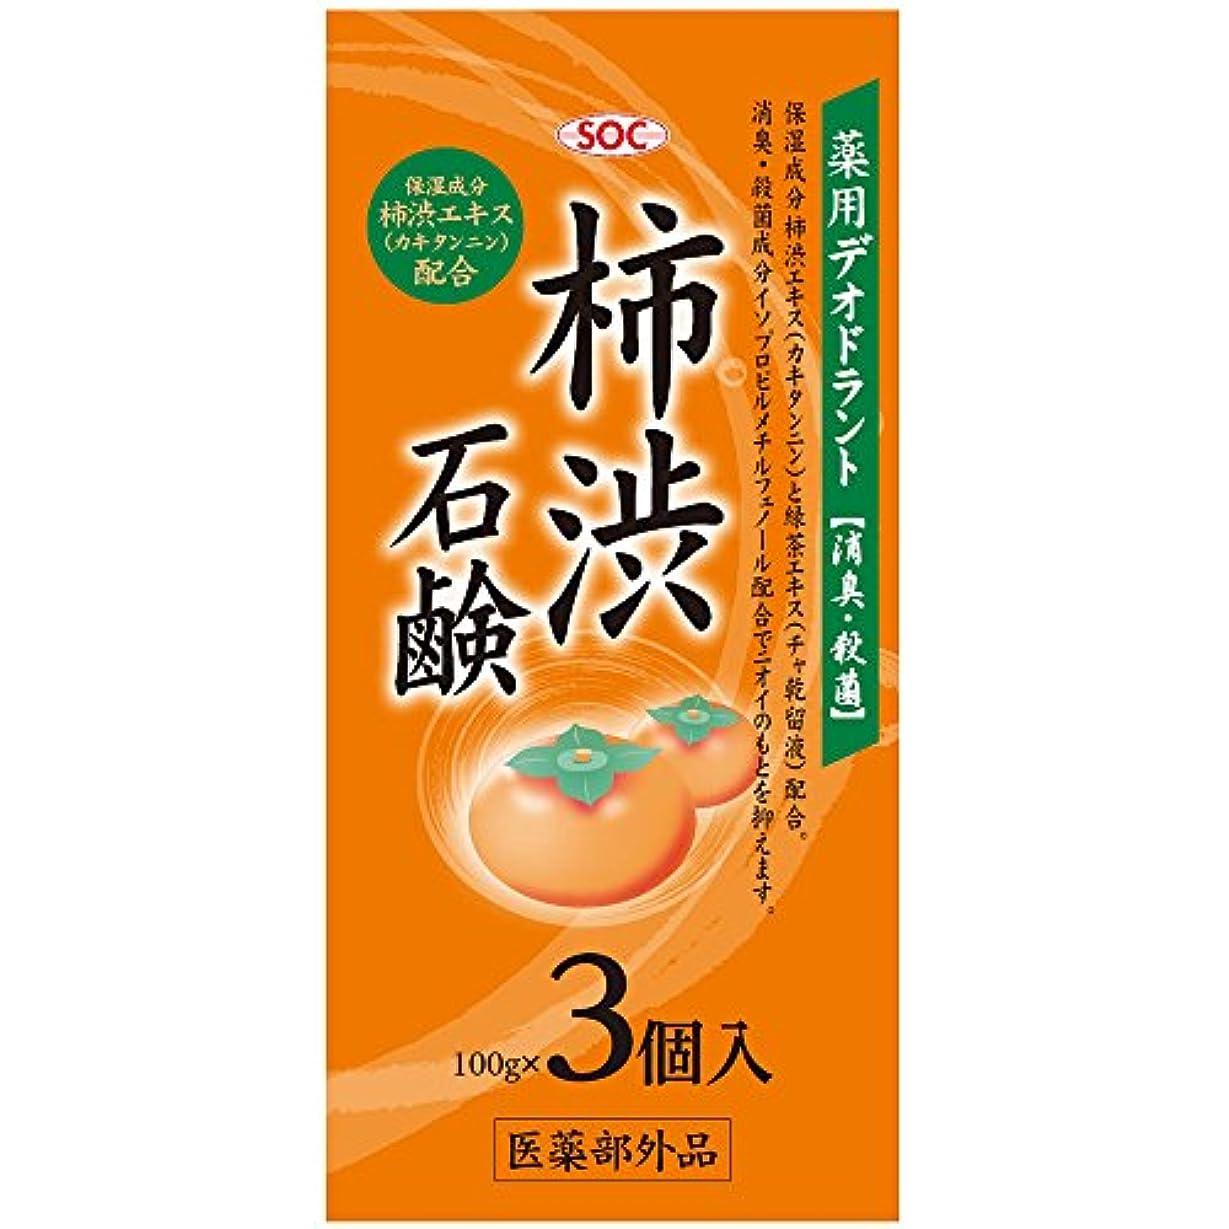 動作のヒープ直径SOC 薬用柿渋石鹸 3P (100g×3)